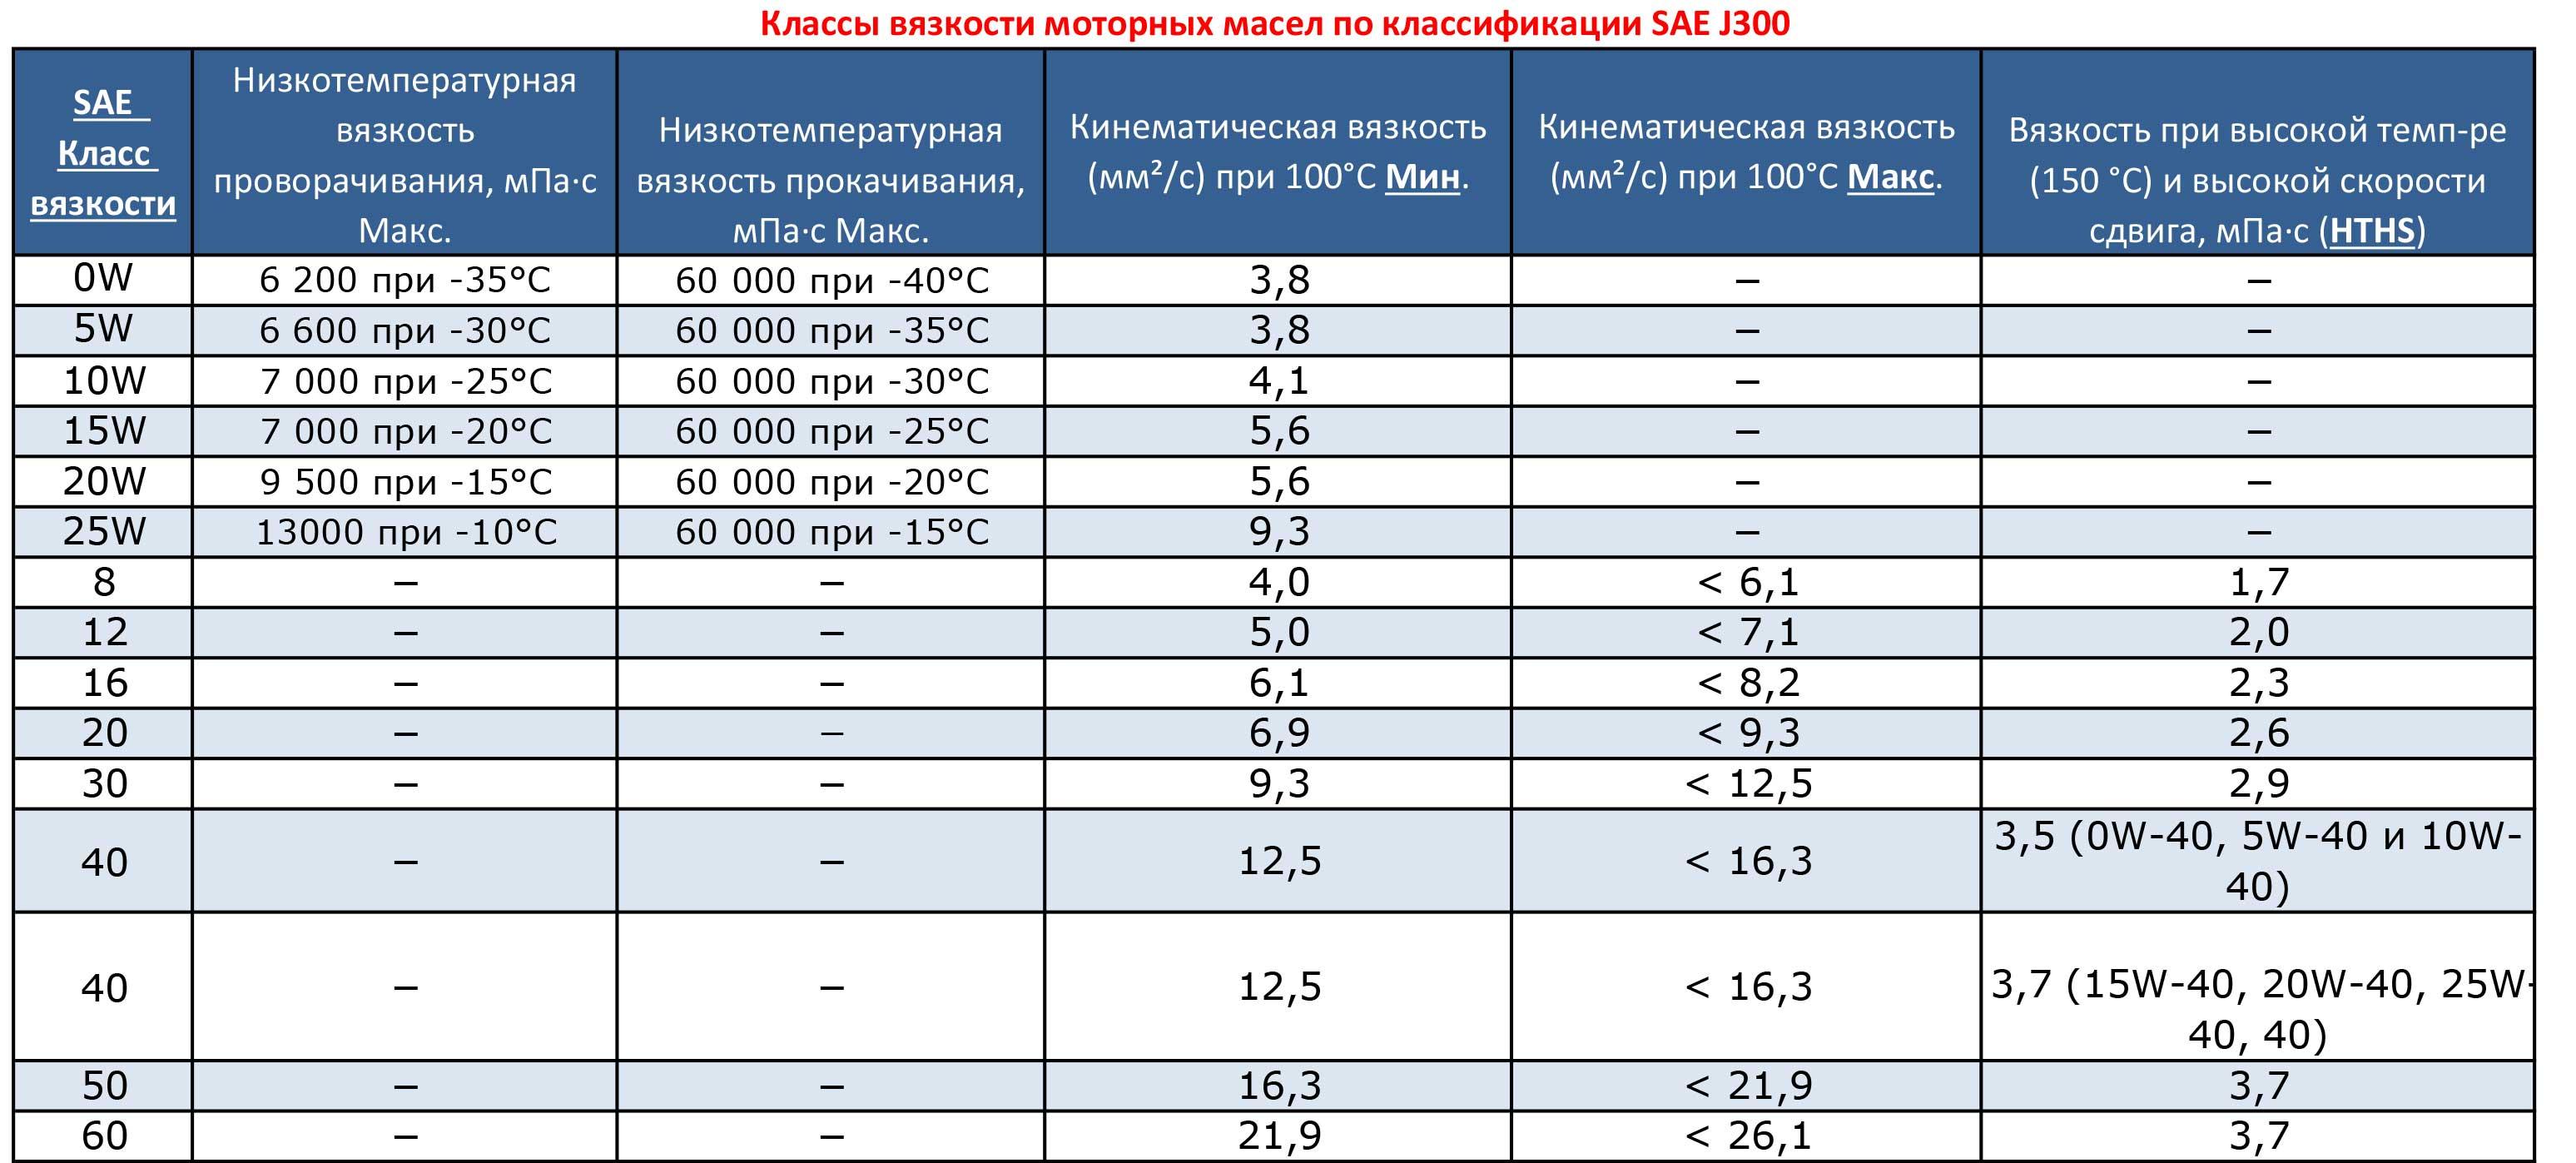 Моторное масло 5w-40 – расшифровка и характеристики, вязкость, температурный режим